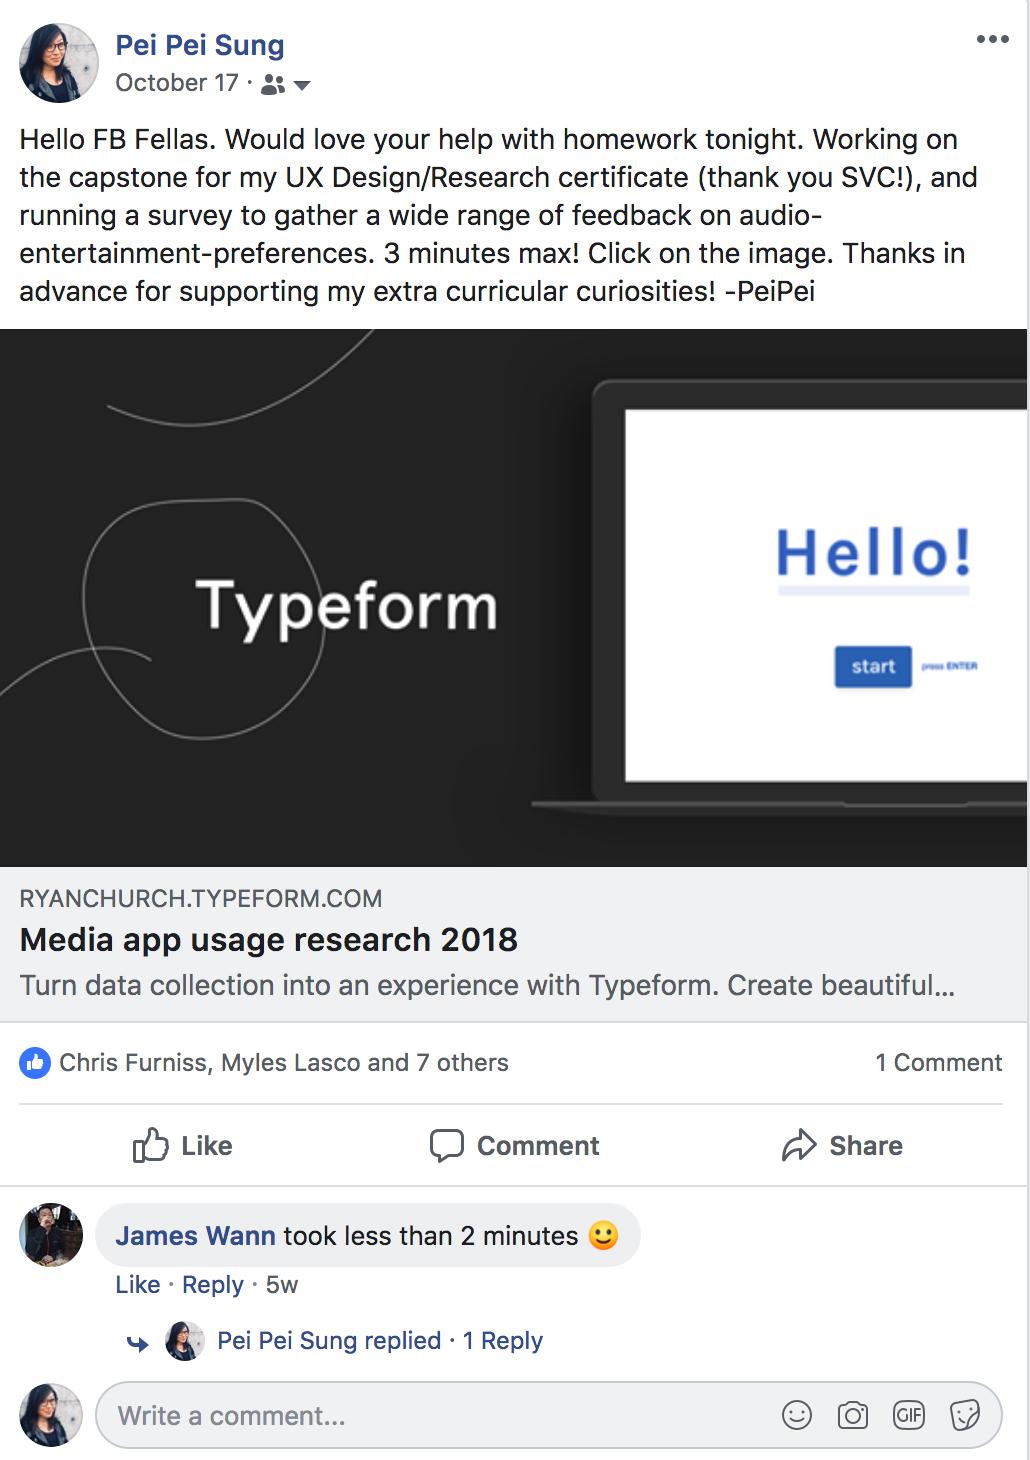 Typeform_AskParticipate